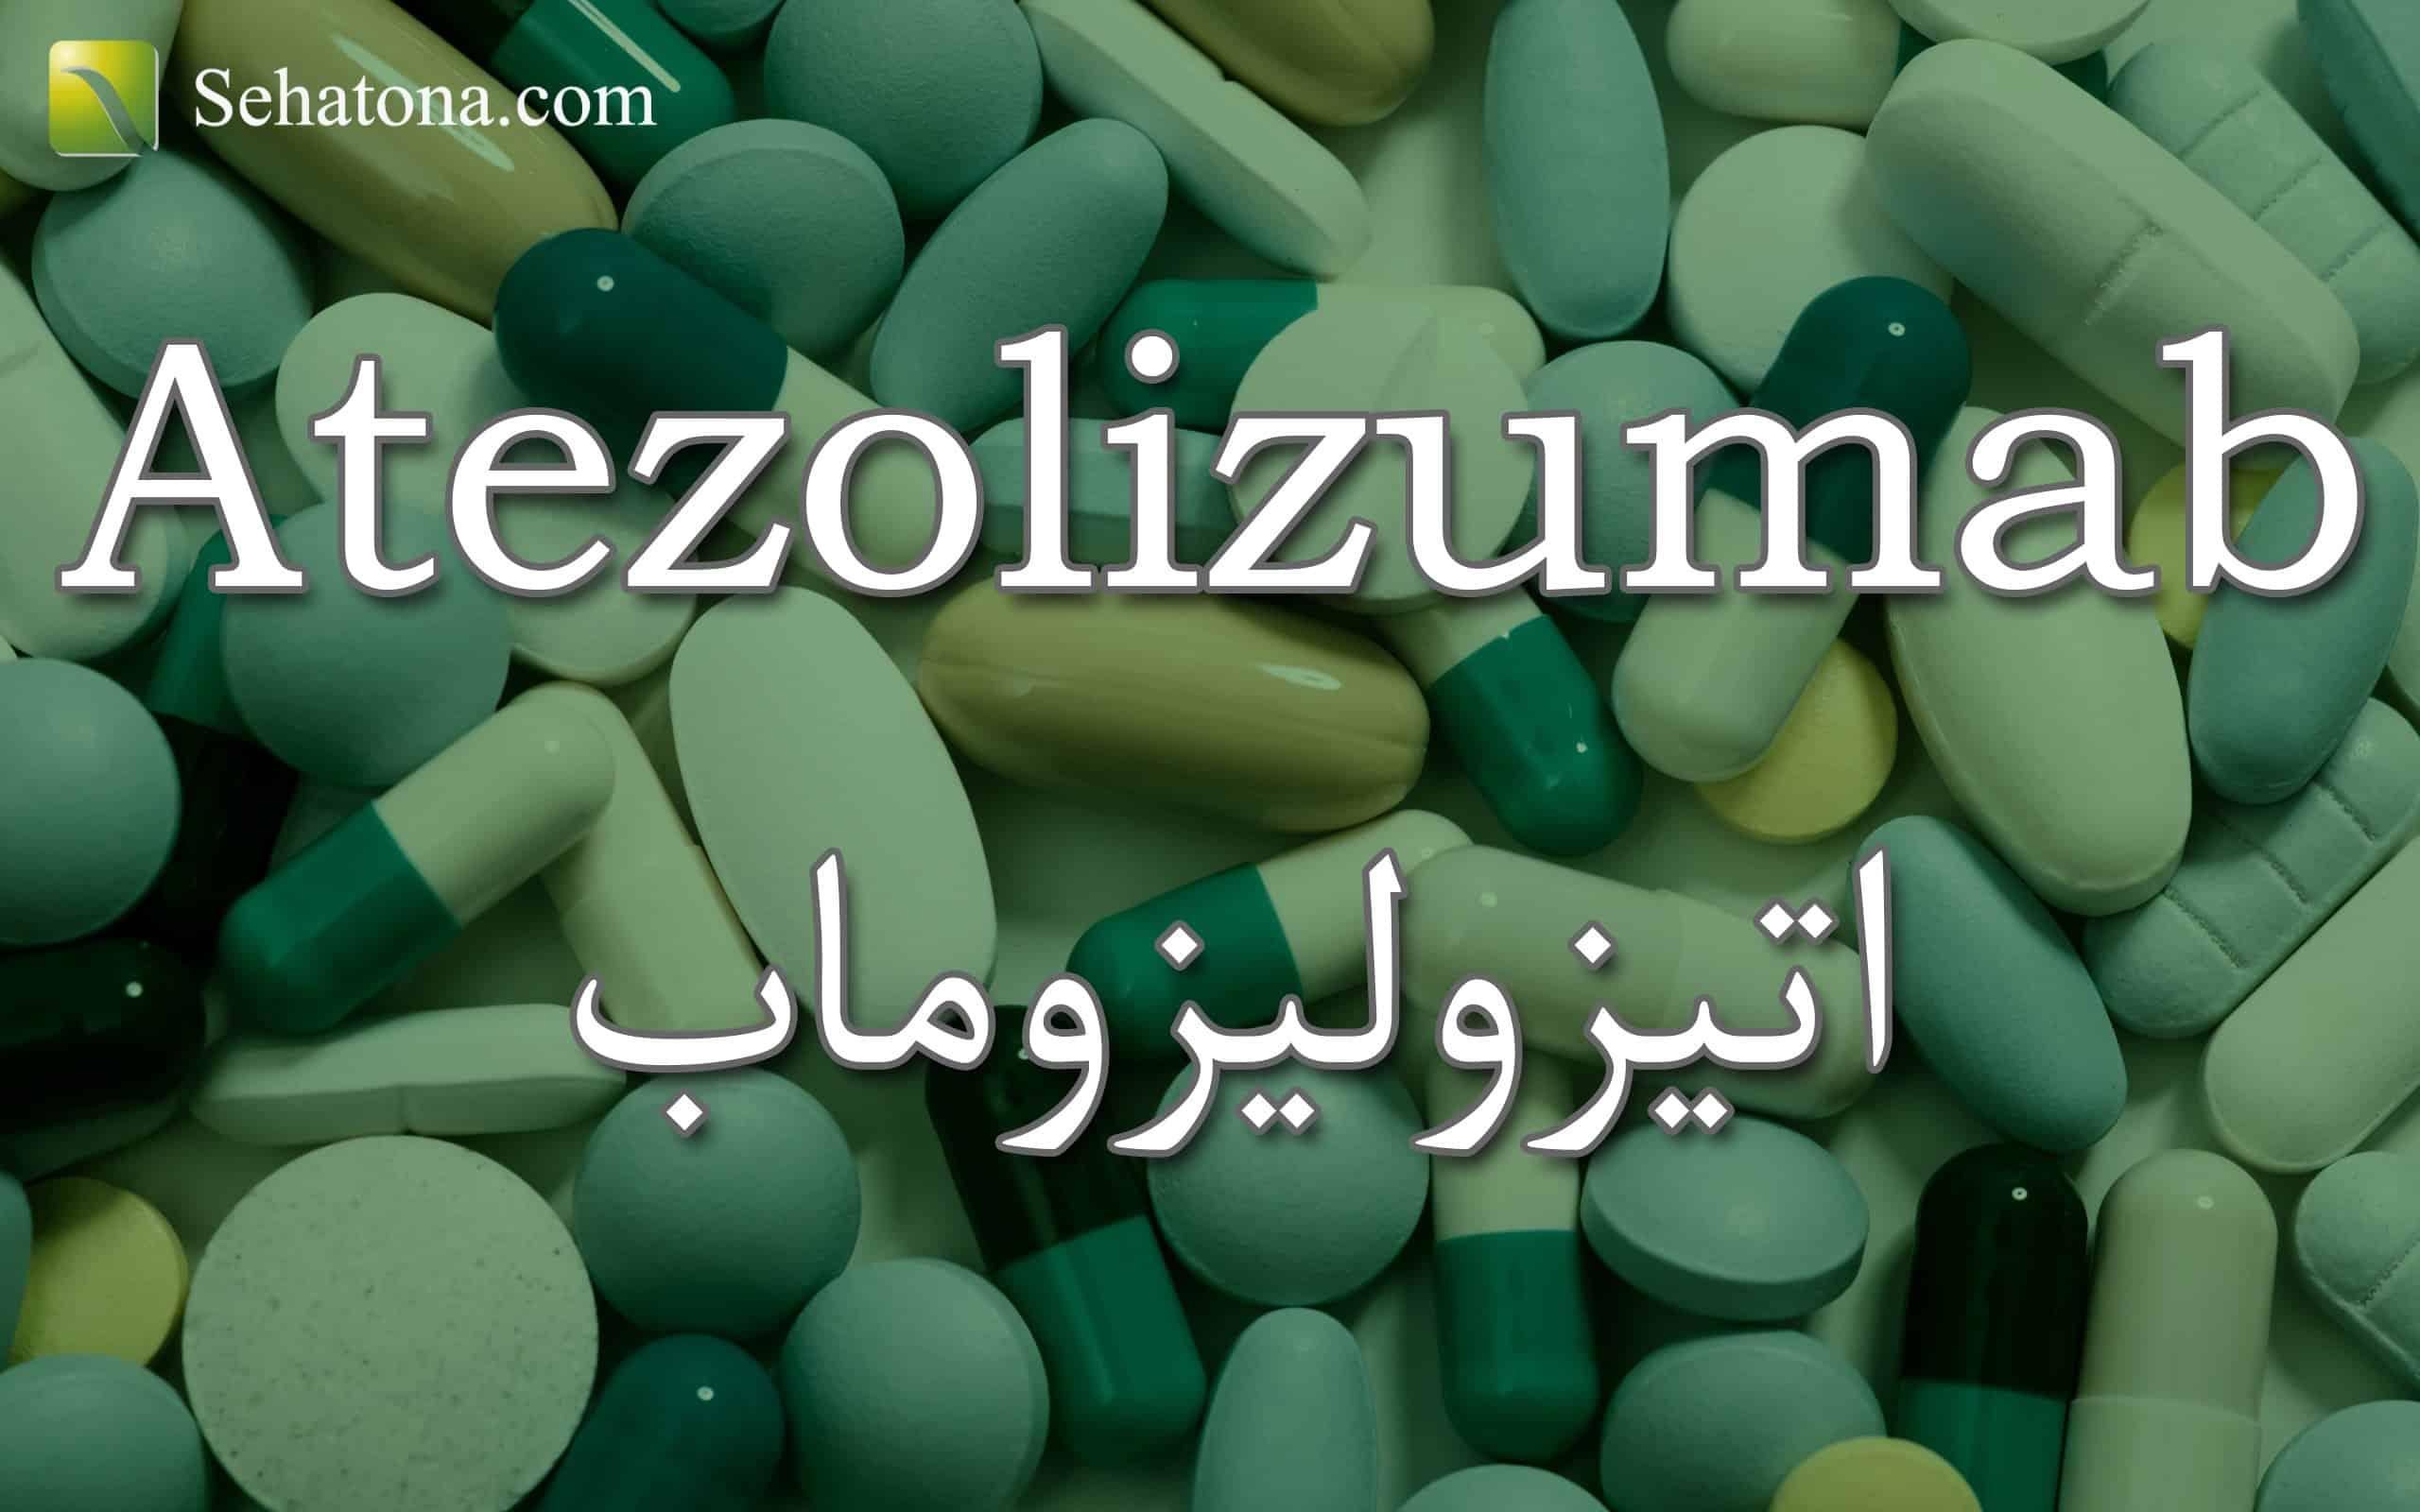 Atezolizumab